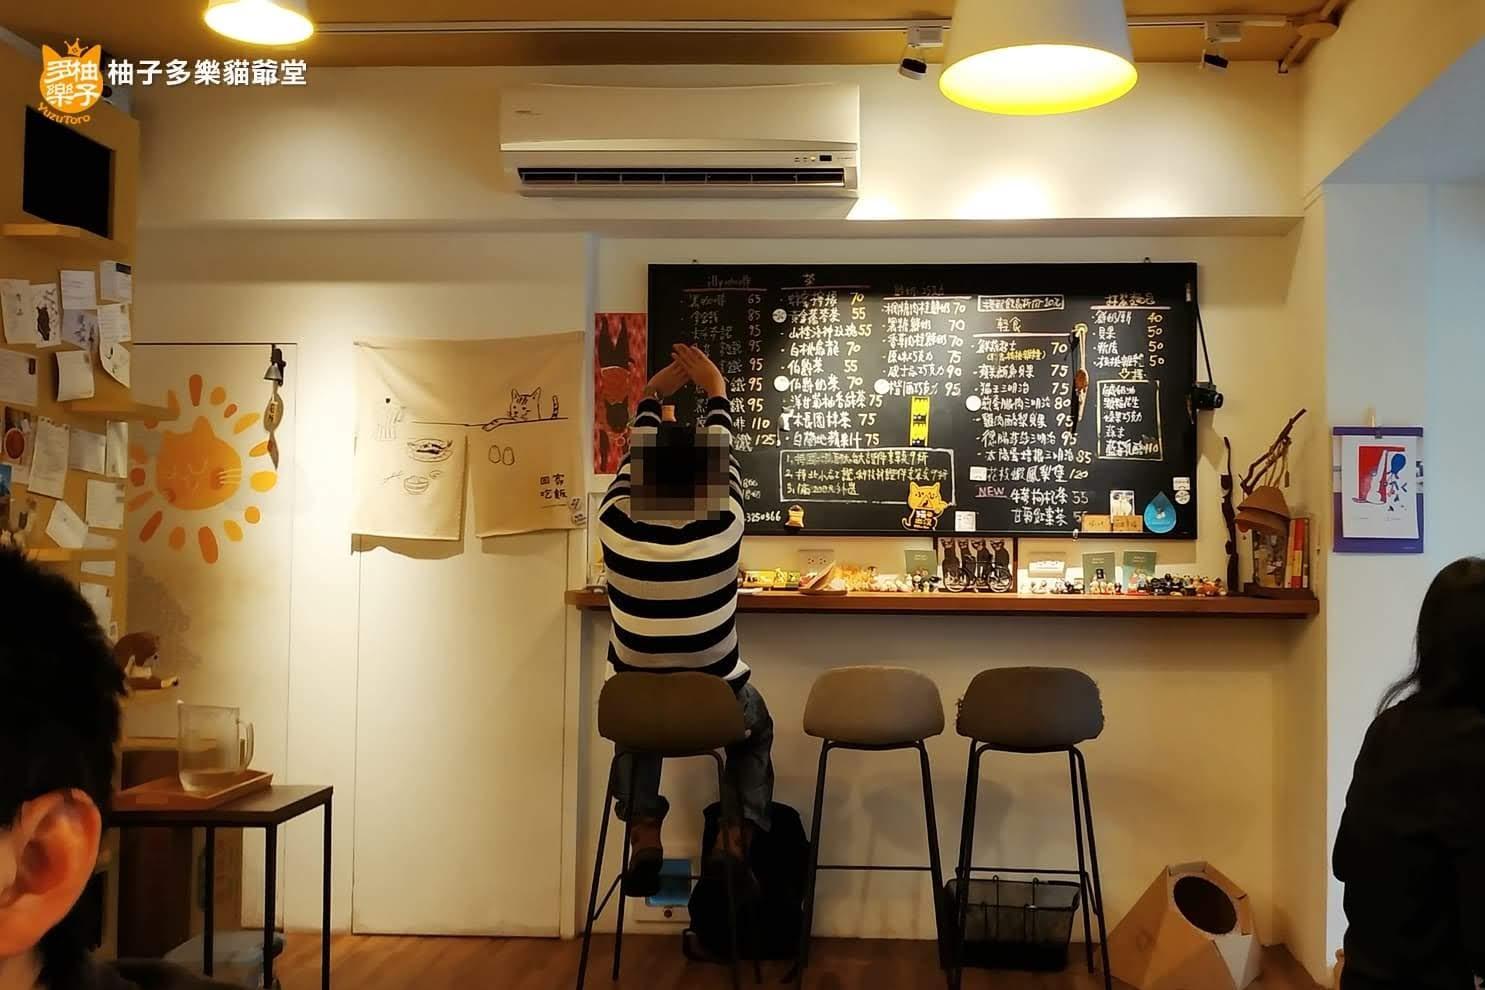 曬貓咖啡:3隻店貓加上illy咖啡的輕食好店   臺北寵物友善餐廳 貓咪咖啡店 捷運科技大樓站